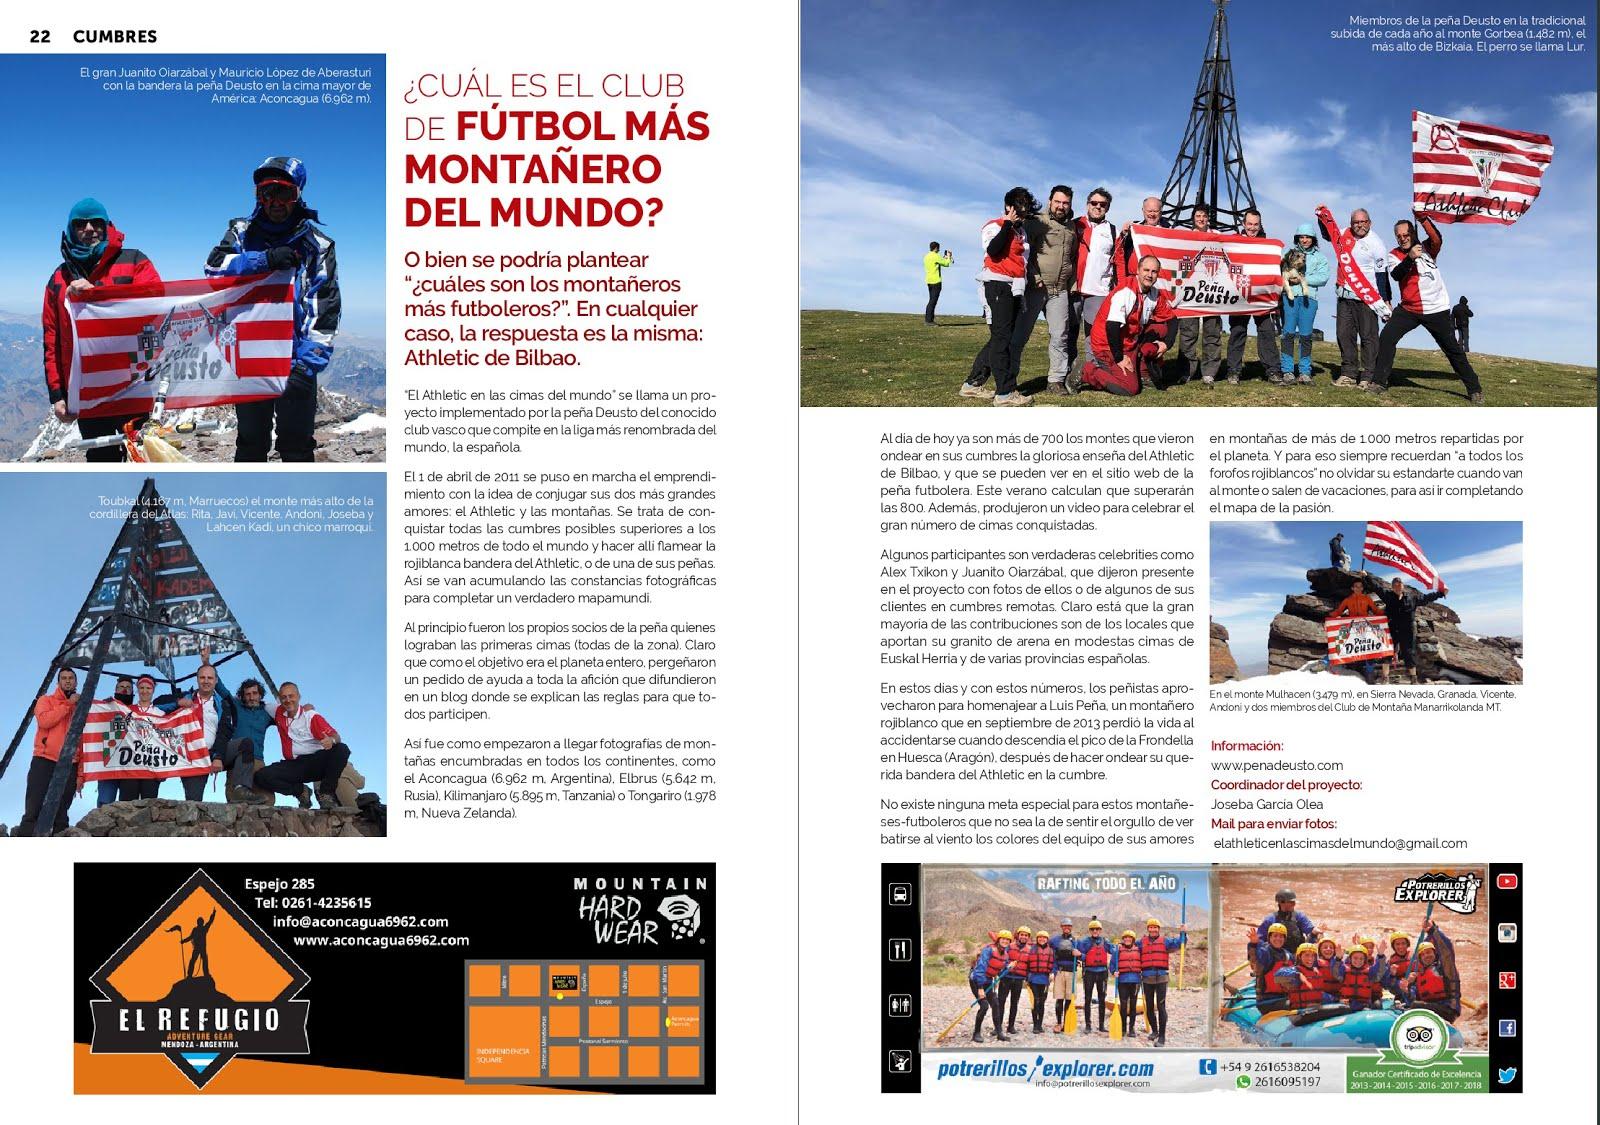 """ARTICULO PUBLICADO EN LA REVISTA """"CUMBRES"""" DE MENDOZA (ARGENTINA)"""